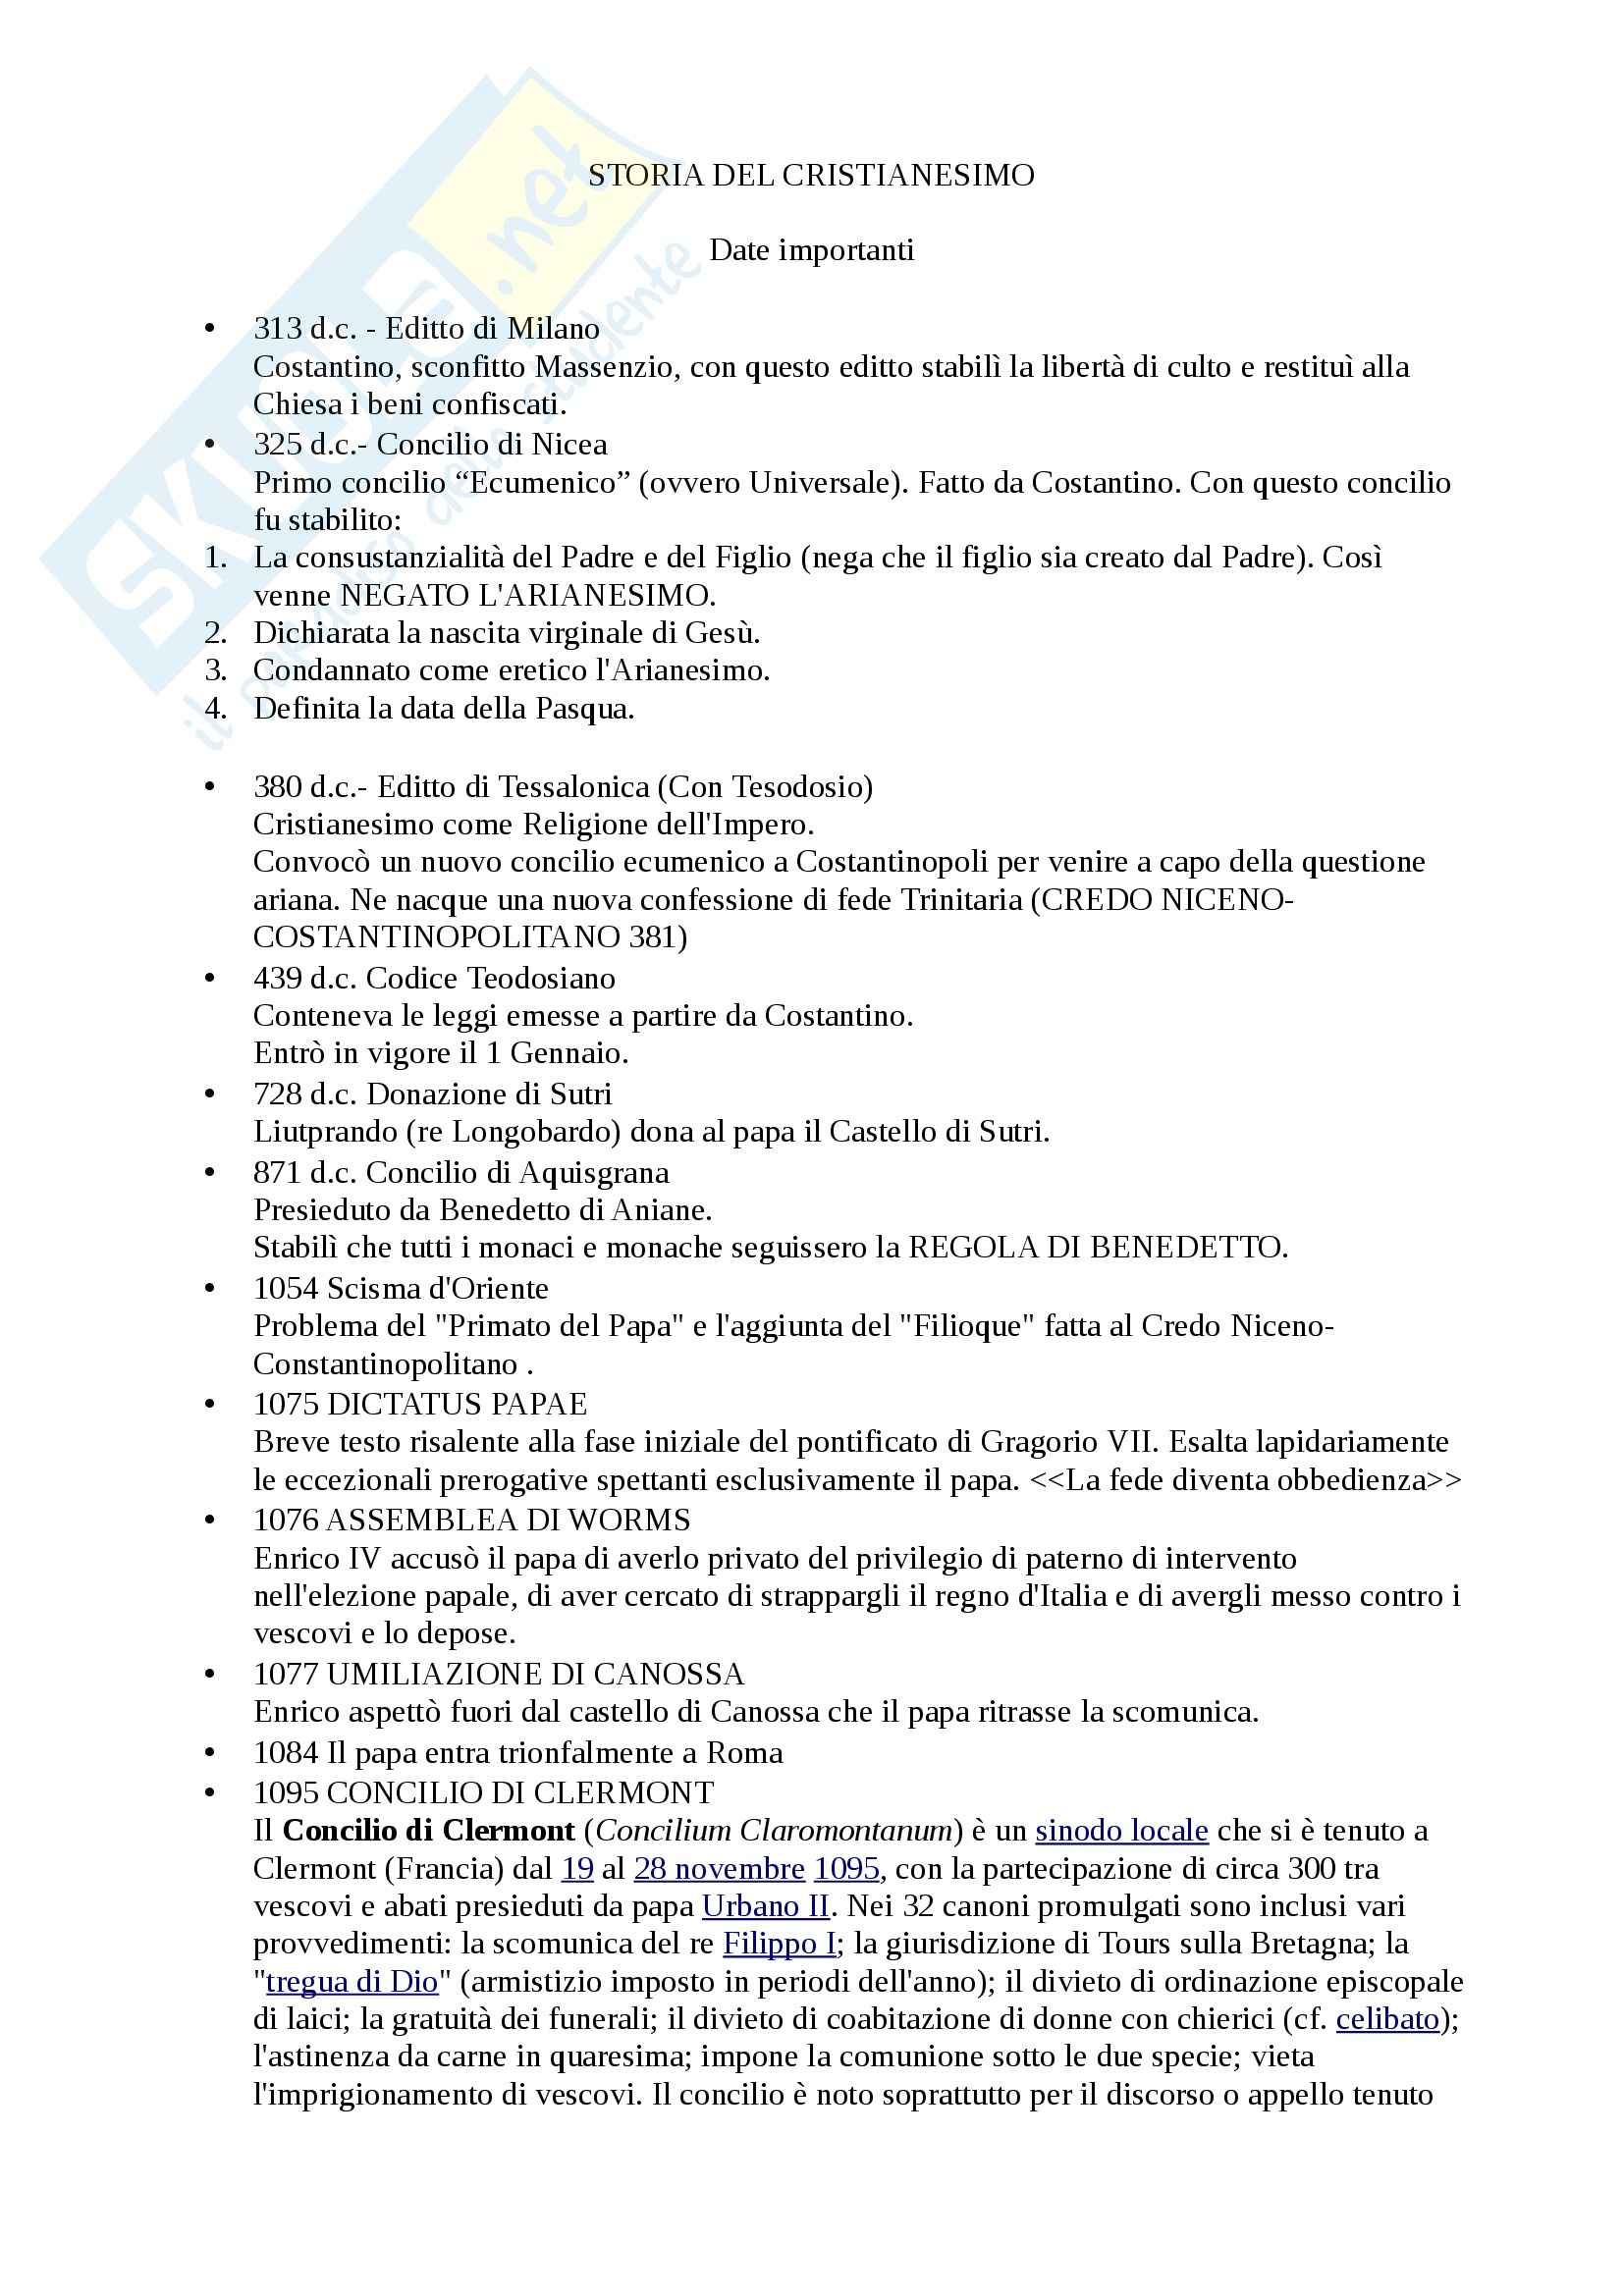 Storia del Cristianesimo e delle Chiese - date importanti